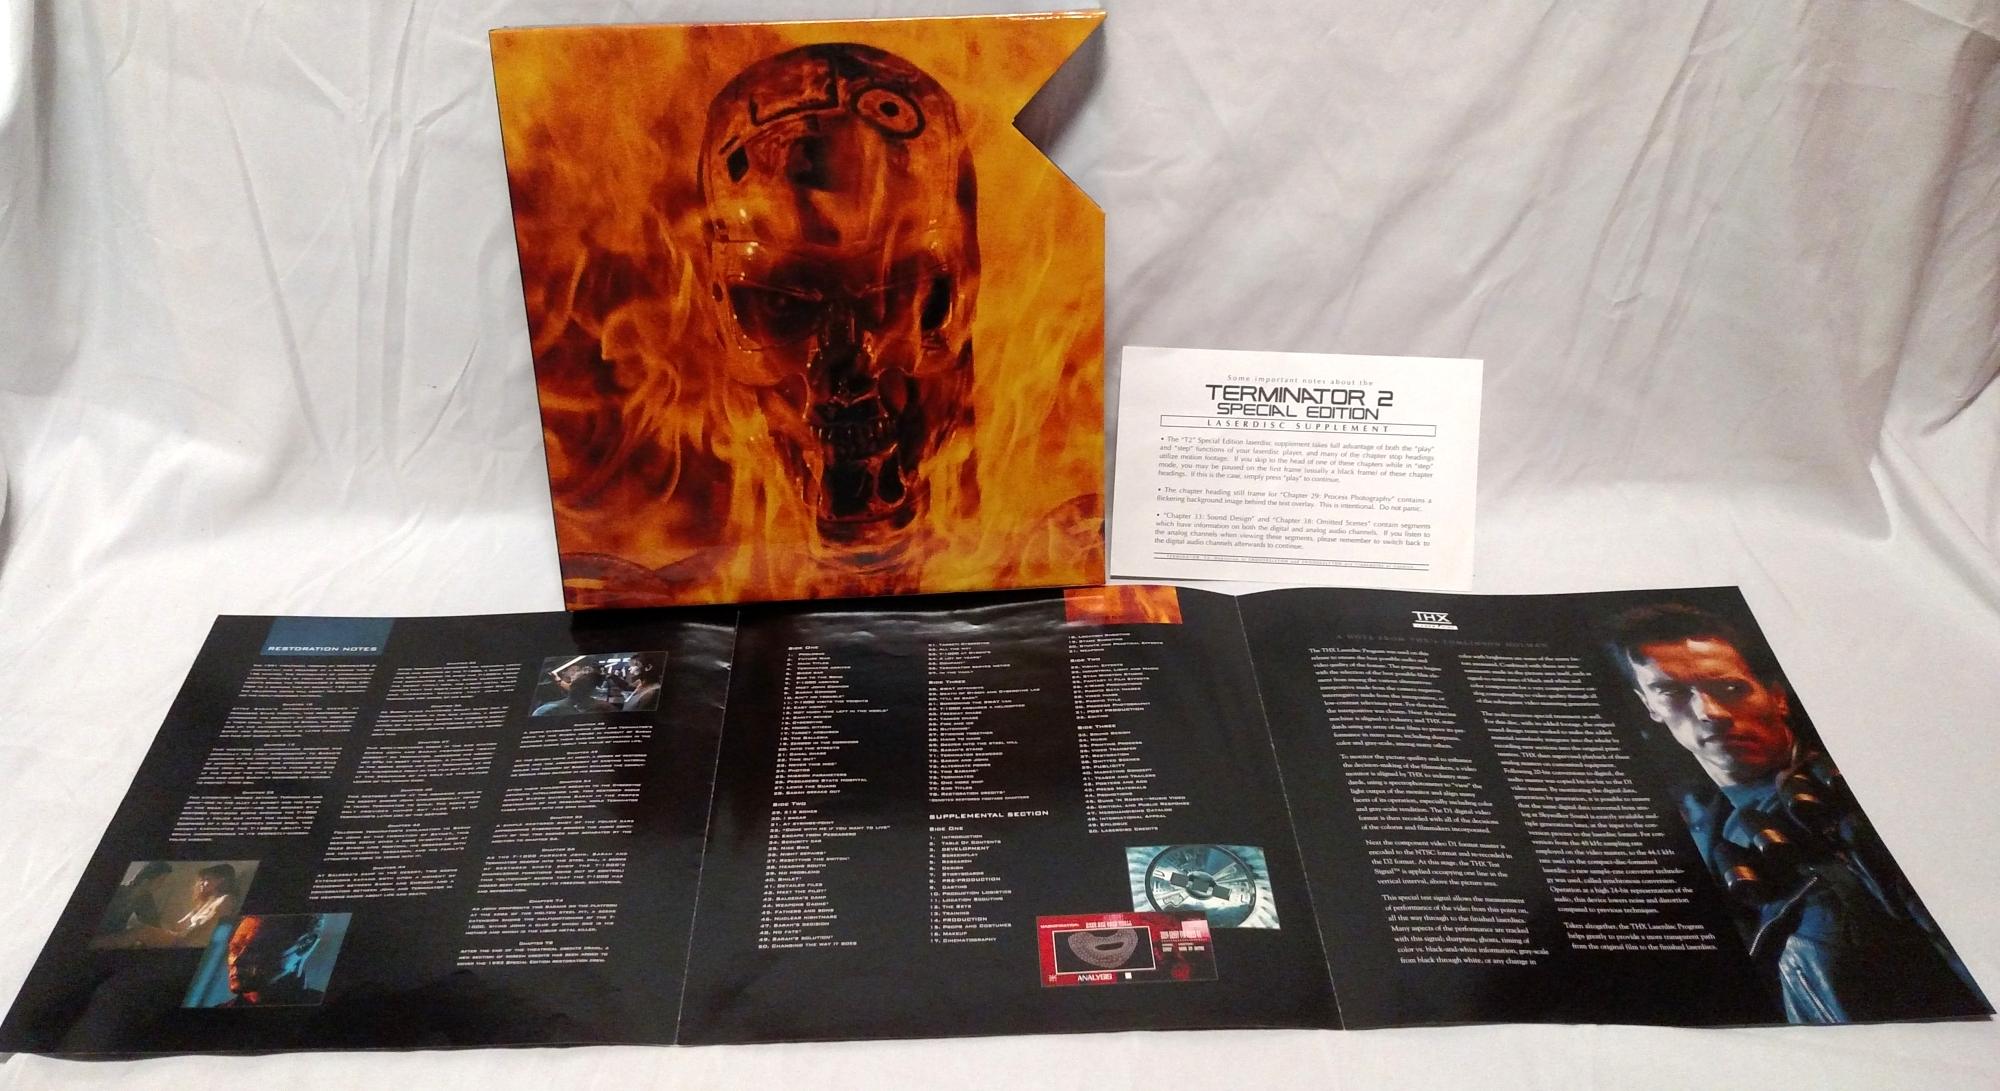 Terminator 2: Pioneer Special Edition Laserdisc contents